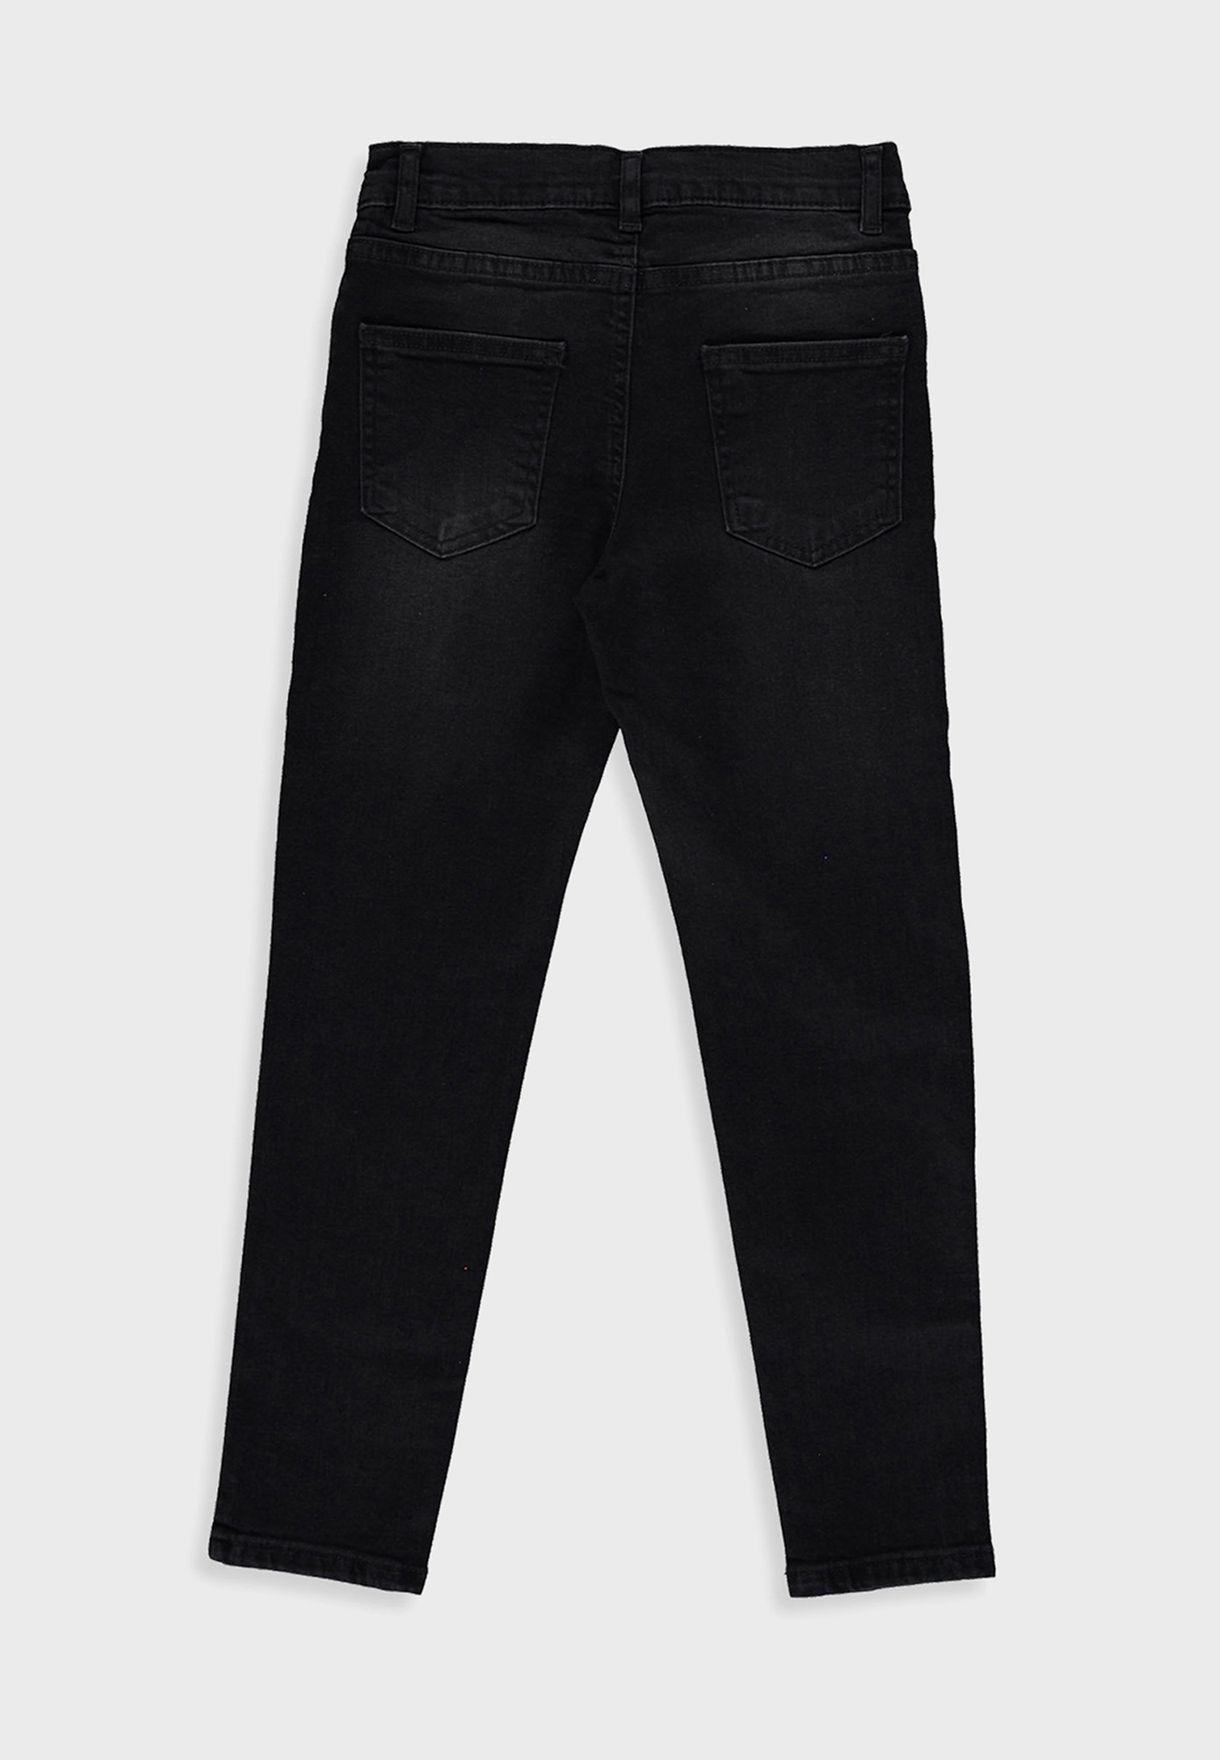 LC WAIKIKI Boys Skinny Jeans